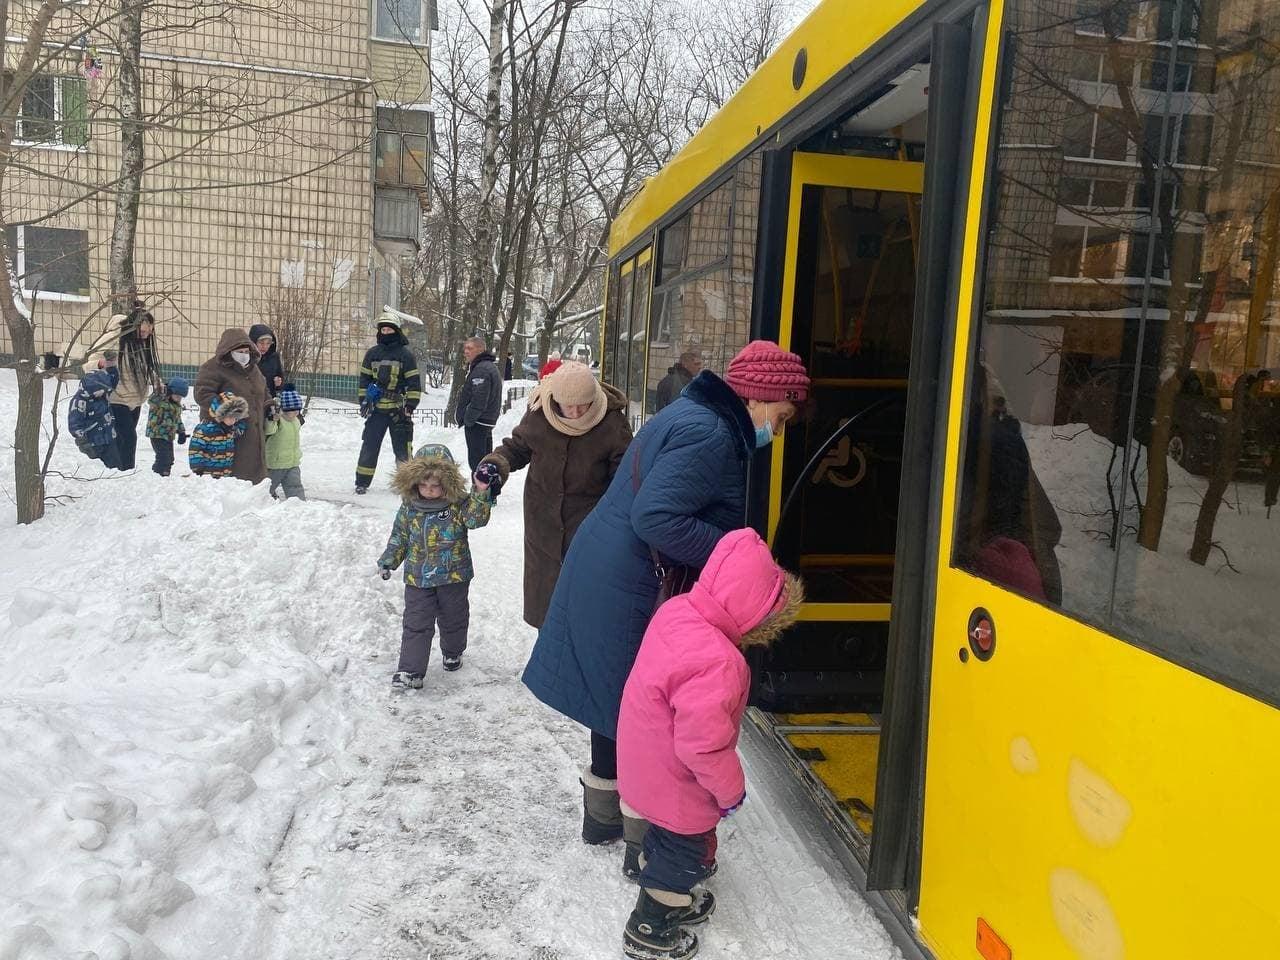 Загорівся холодильник: із дитсадка в Києві евакуювали 124 дитини (ФОТО) - холодильник, пожежа, ДСНС, дитсадок - 148573235 5385885674762622 4829977779858114785 o